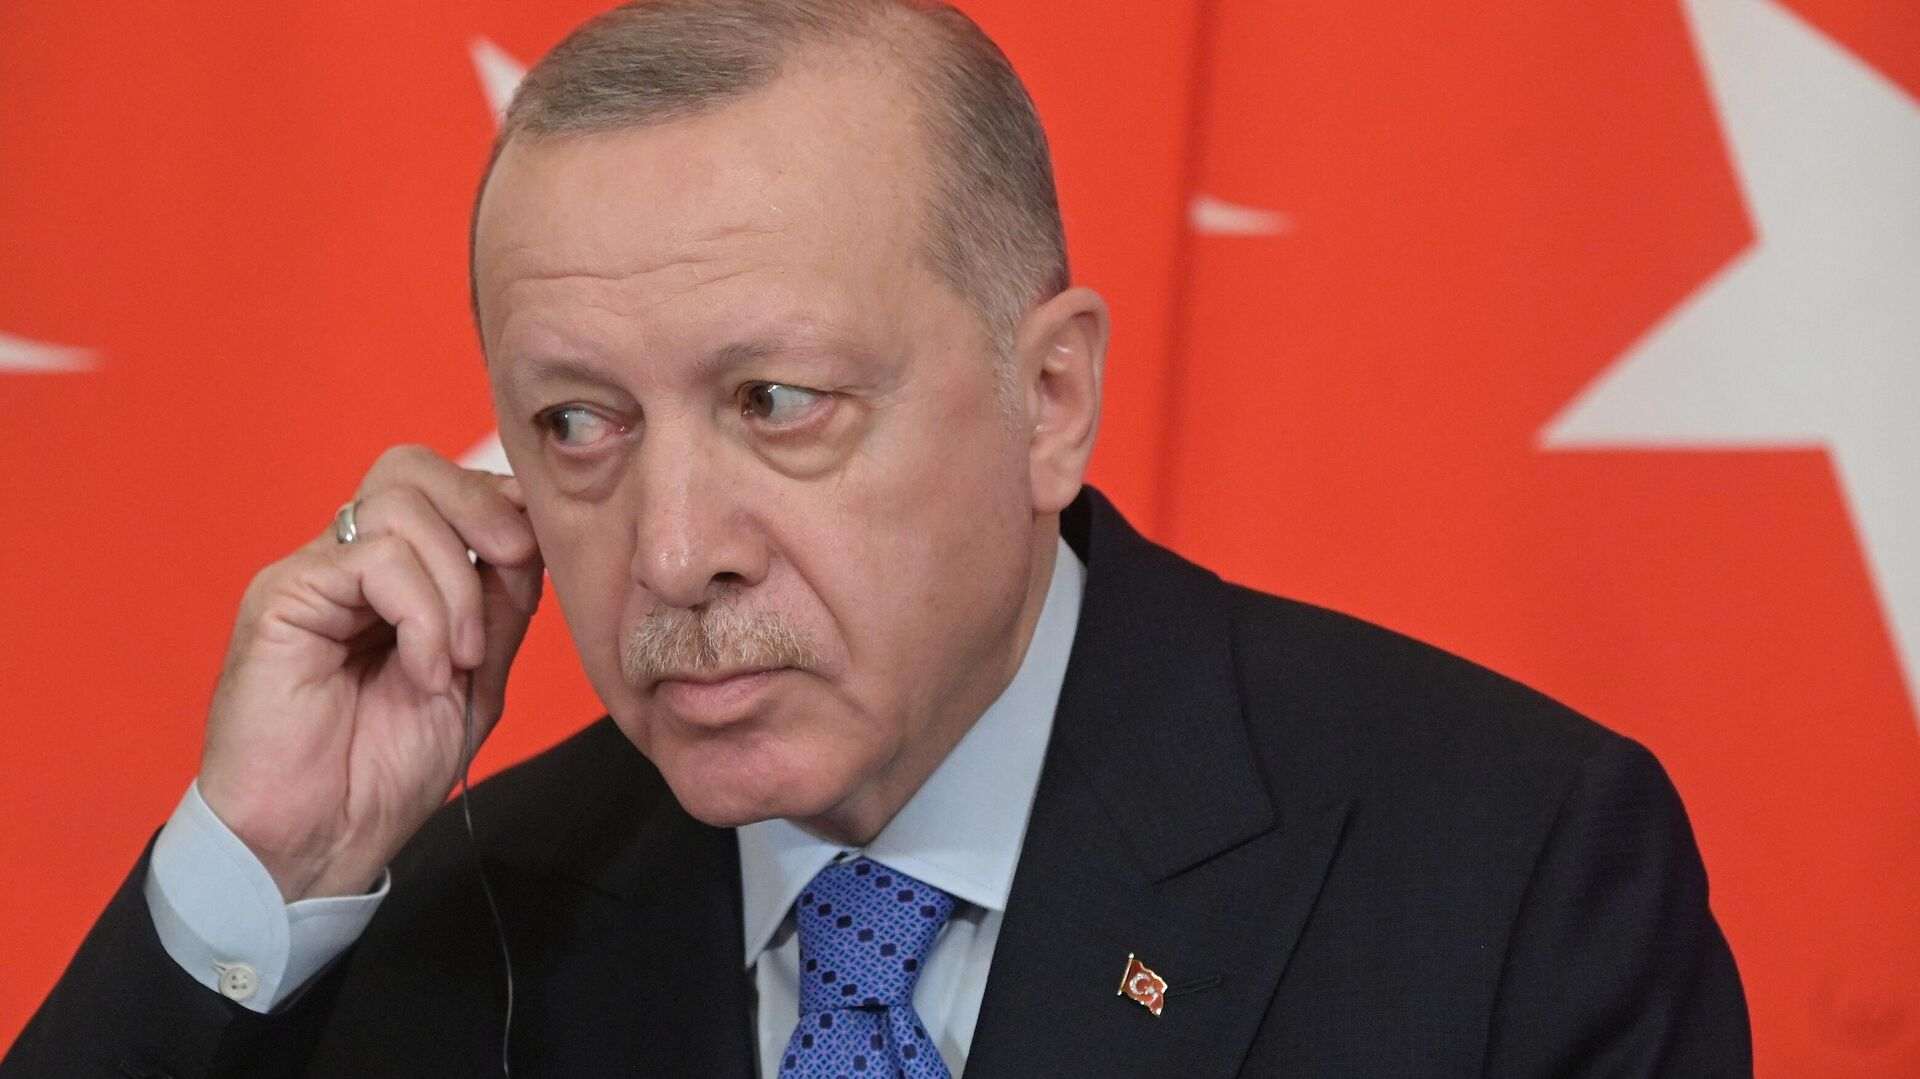 Президент Турции Реджеп Тайип Эрдоган во время совместного с президентом РФ Владимиром Путиным пресс-подхода - РИА Новости, 1920, 27.09.2020